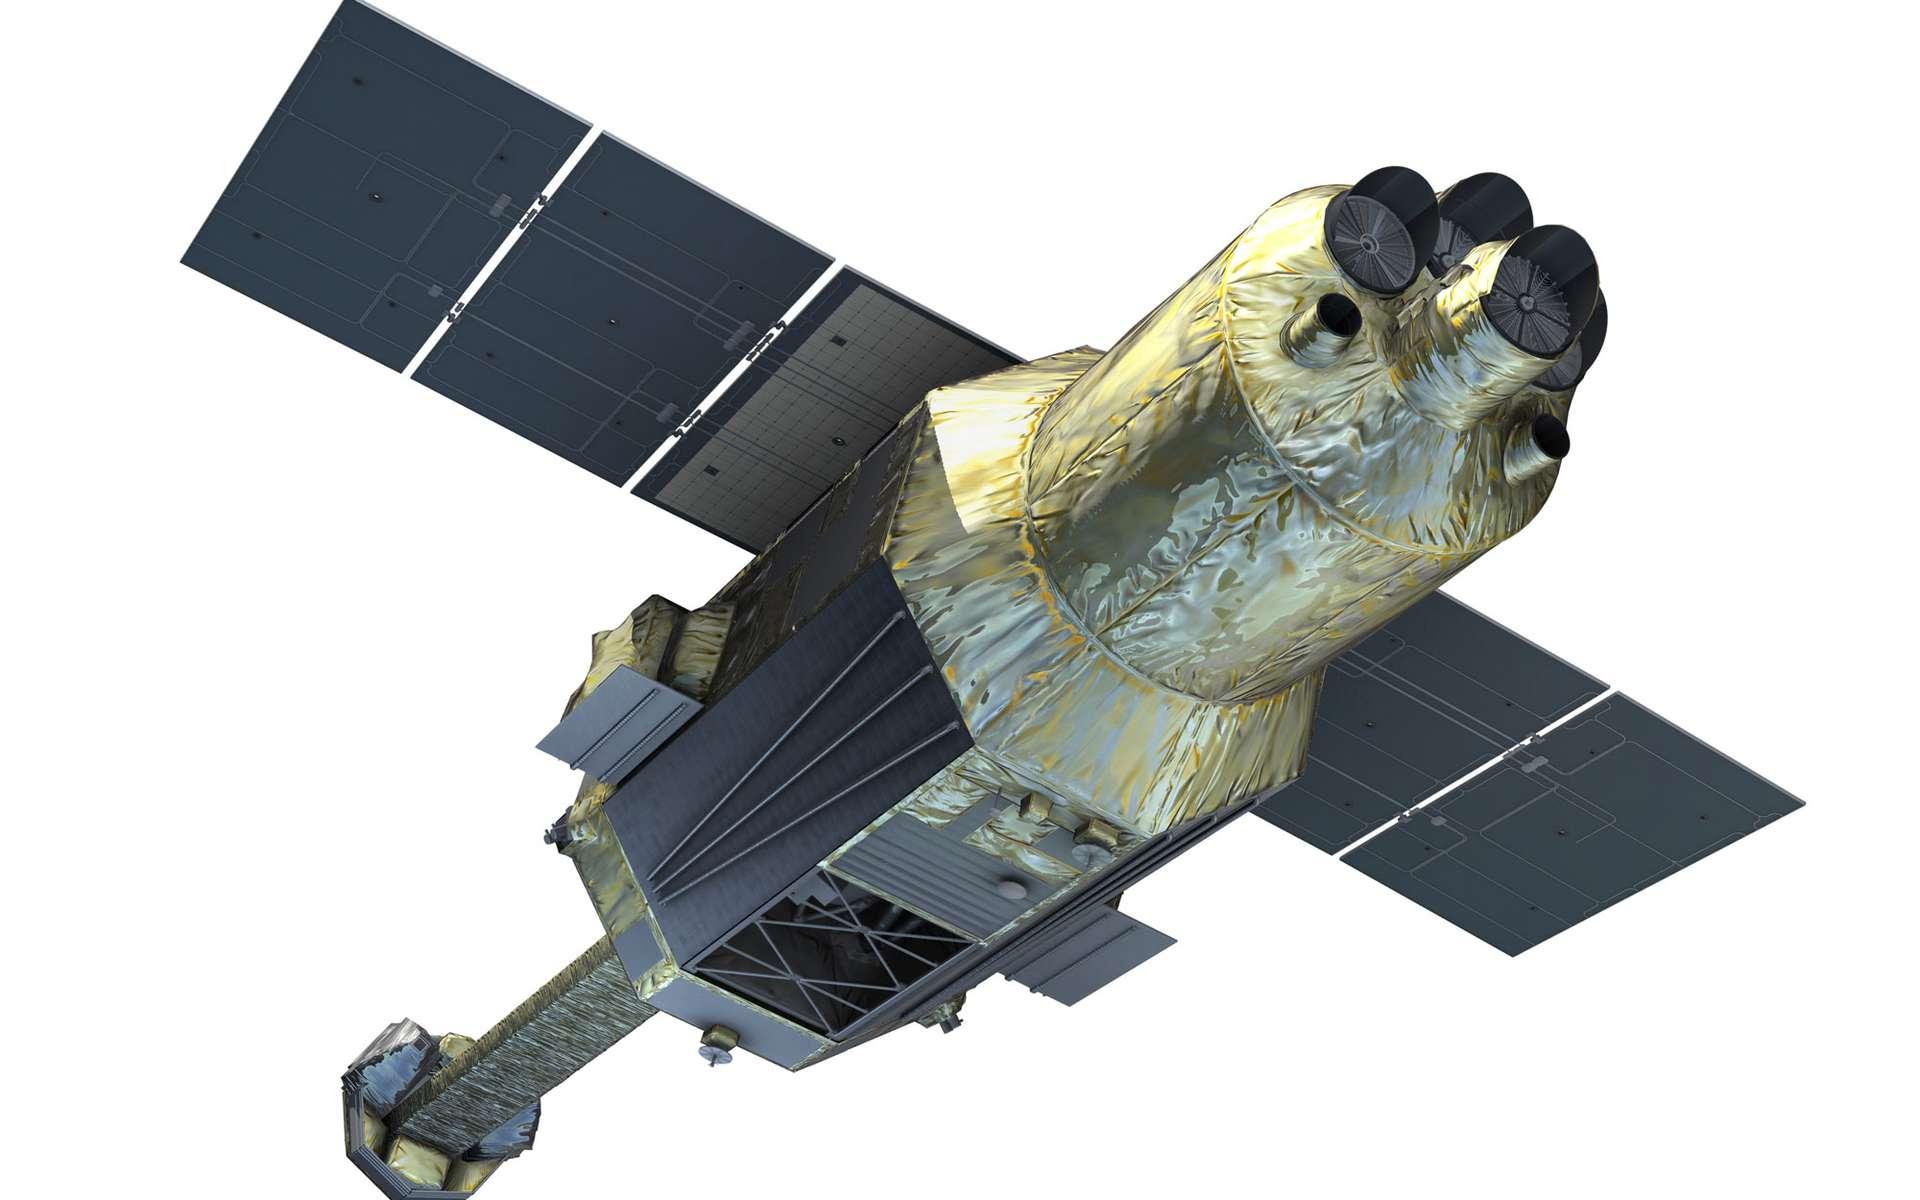 Hitomi est un satellite de 14 mètres de long pour une masse de 2,7 tonnes. Il est équipé de six télescopes et détecteurs à rayons X d'une résolution sans précédent et dispose d'un mât extensible de plus de 6 mètres (ce qui permet de disposer d'une focale de 12 mètres pour certains des instruments qu'il embarque). © Jaxa, Nasa/Goddard